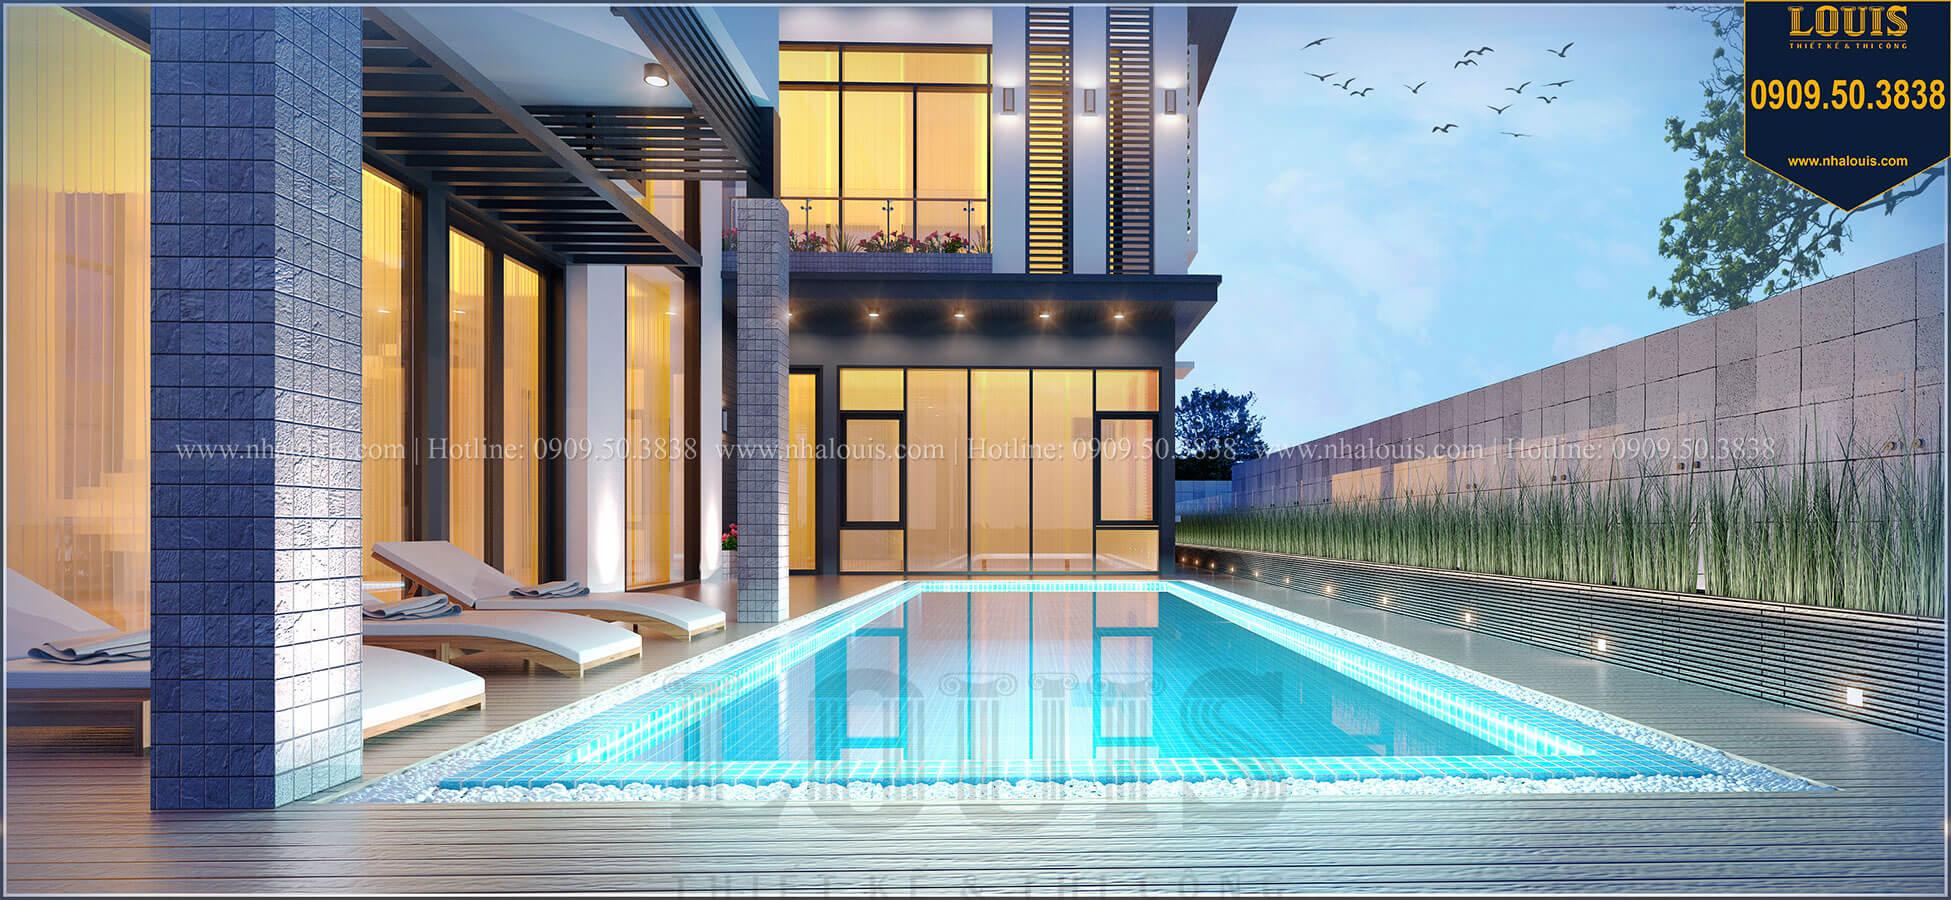 Mặt tiền Biệt thự 2 tầng hiện đại mặt tiền 13.5m sang chảnh tại Kiên Giang - 05